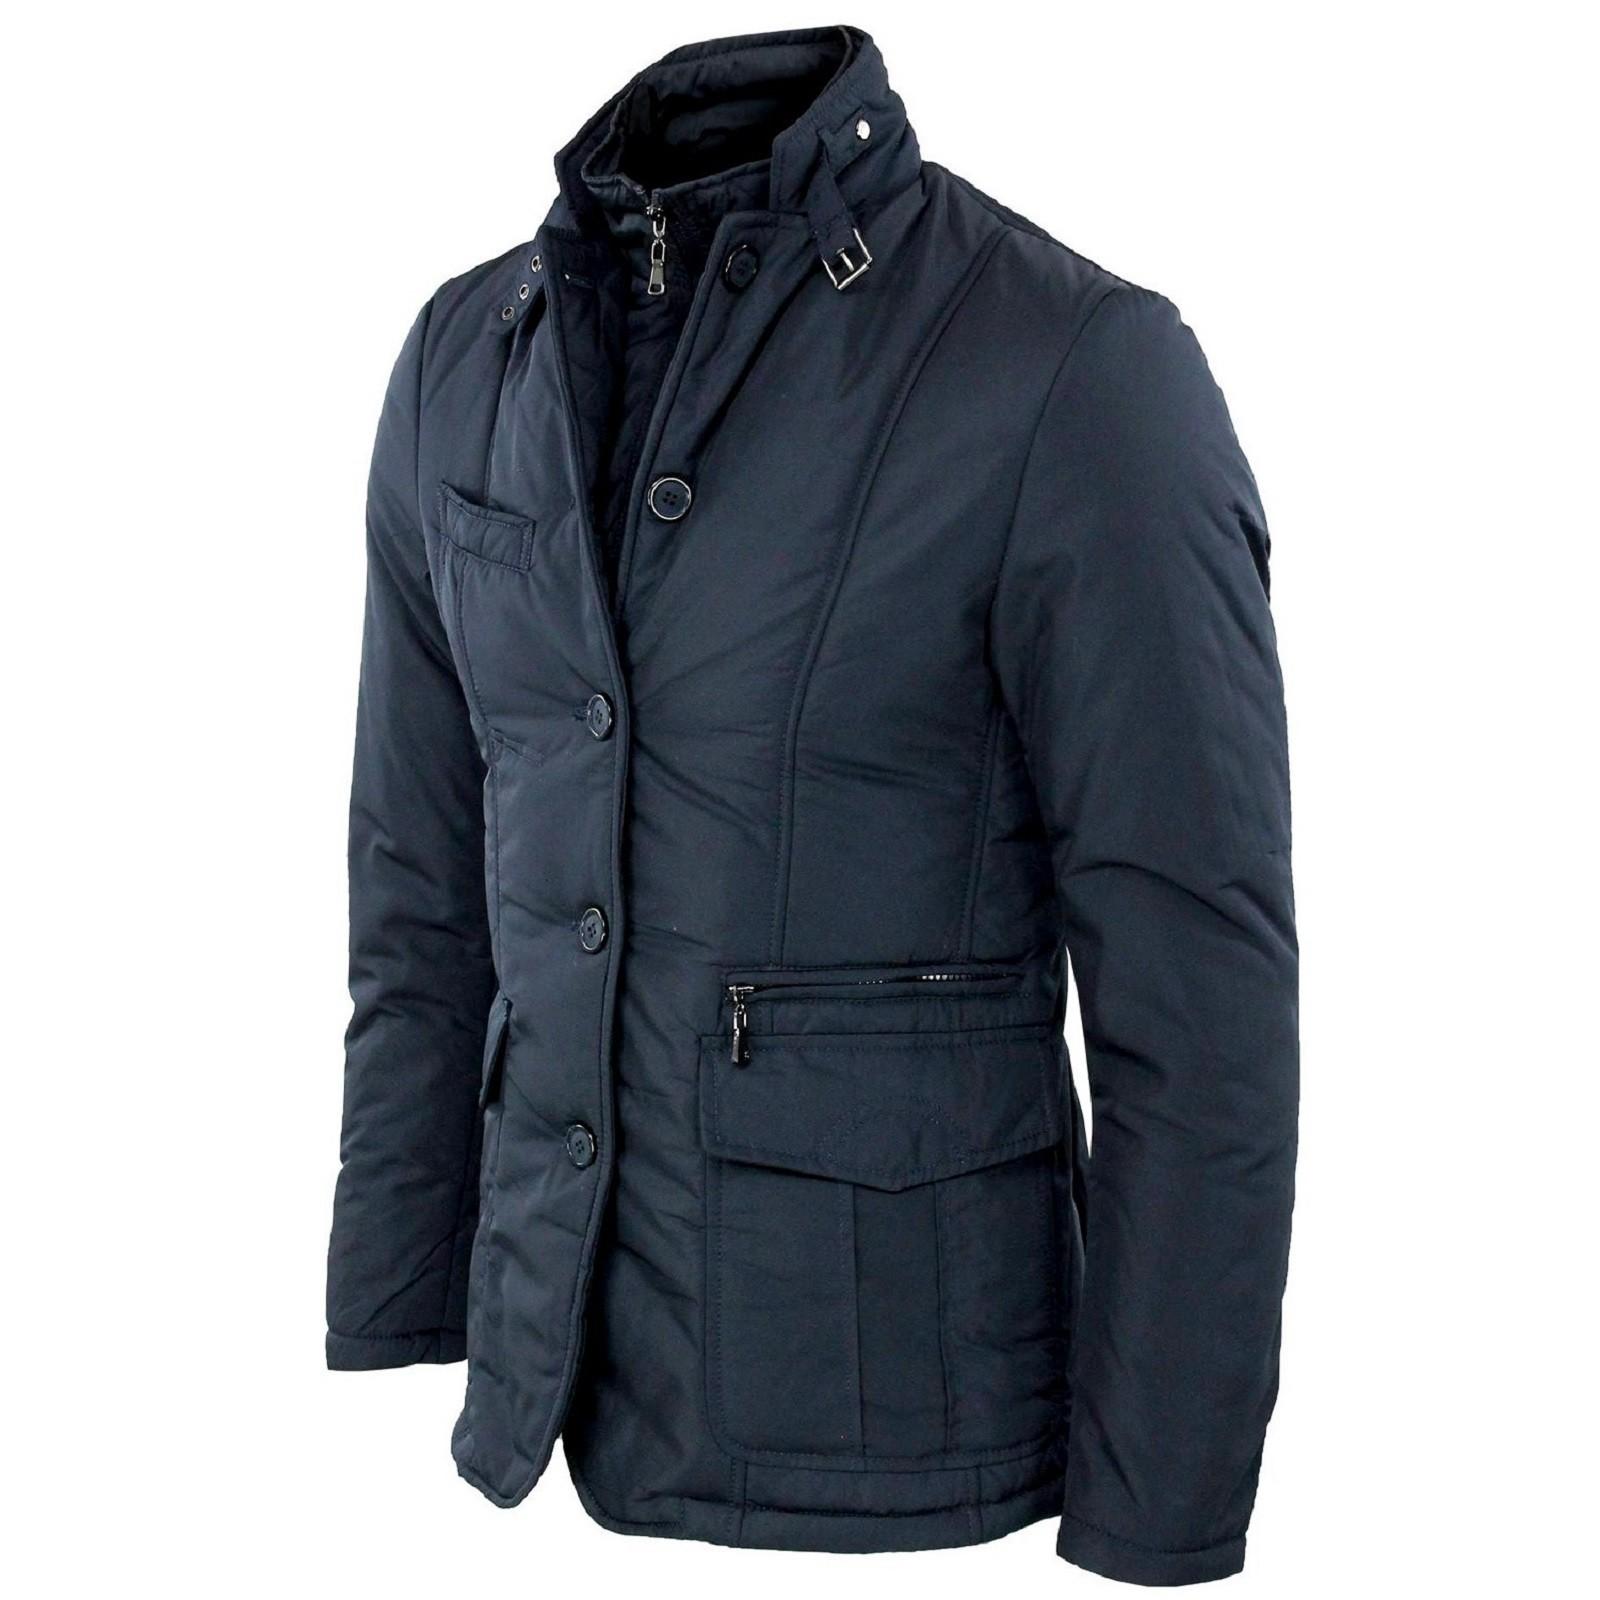 Giubbotto-Uomo-Invernale-Slim-Fit-Giacca-Elegante-Blu-Nero-Giubbino-Sartoriale-L miniatura 14